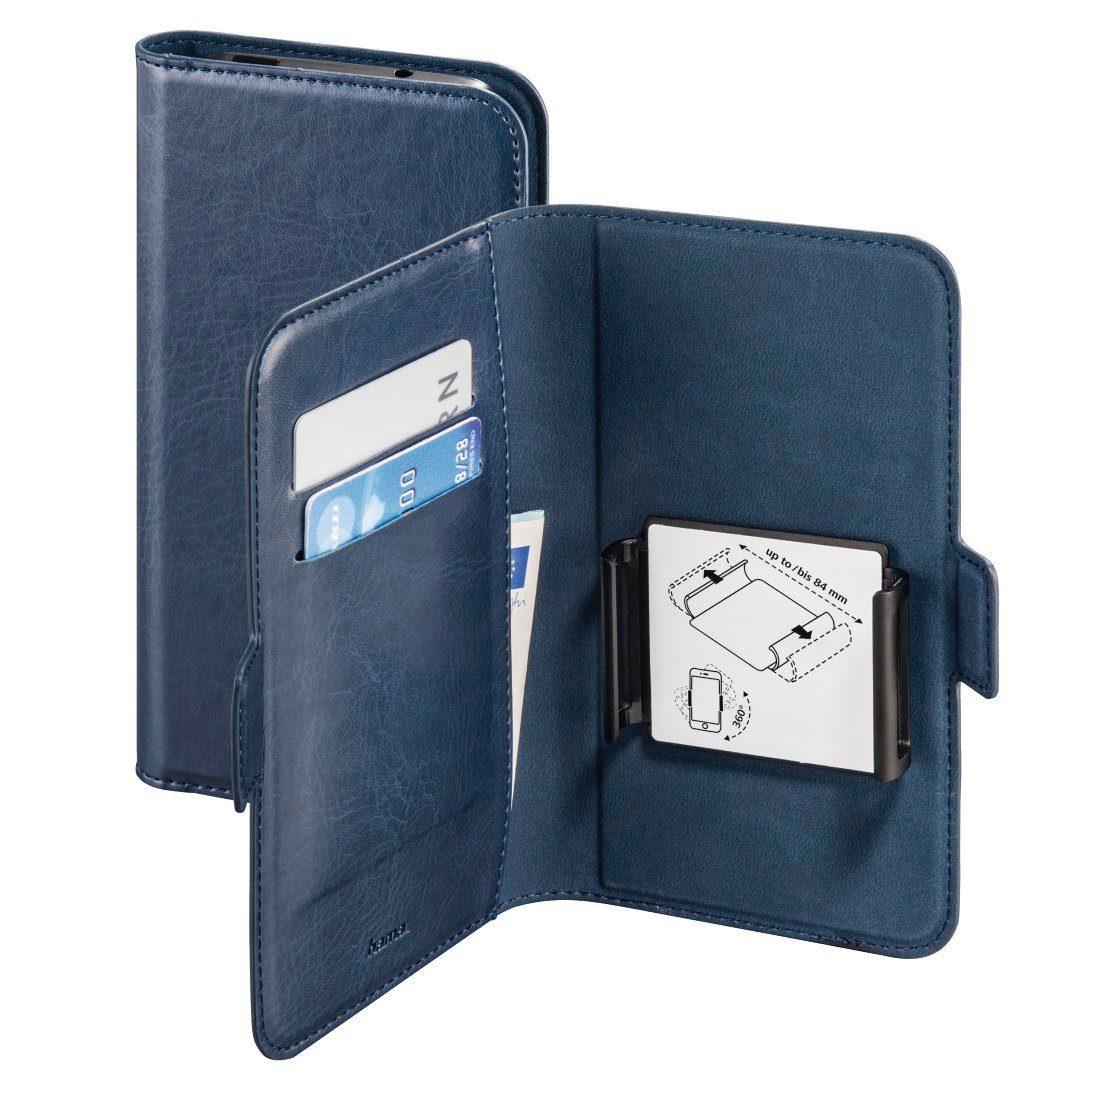 Hama Handytasche Handyhülle universal Tasche Hülle Smart Move »für Handys von 5,2 - 5,8 Zoll«